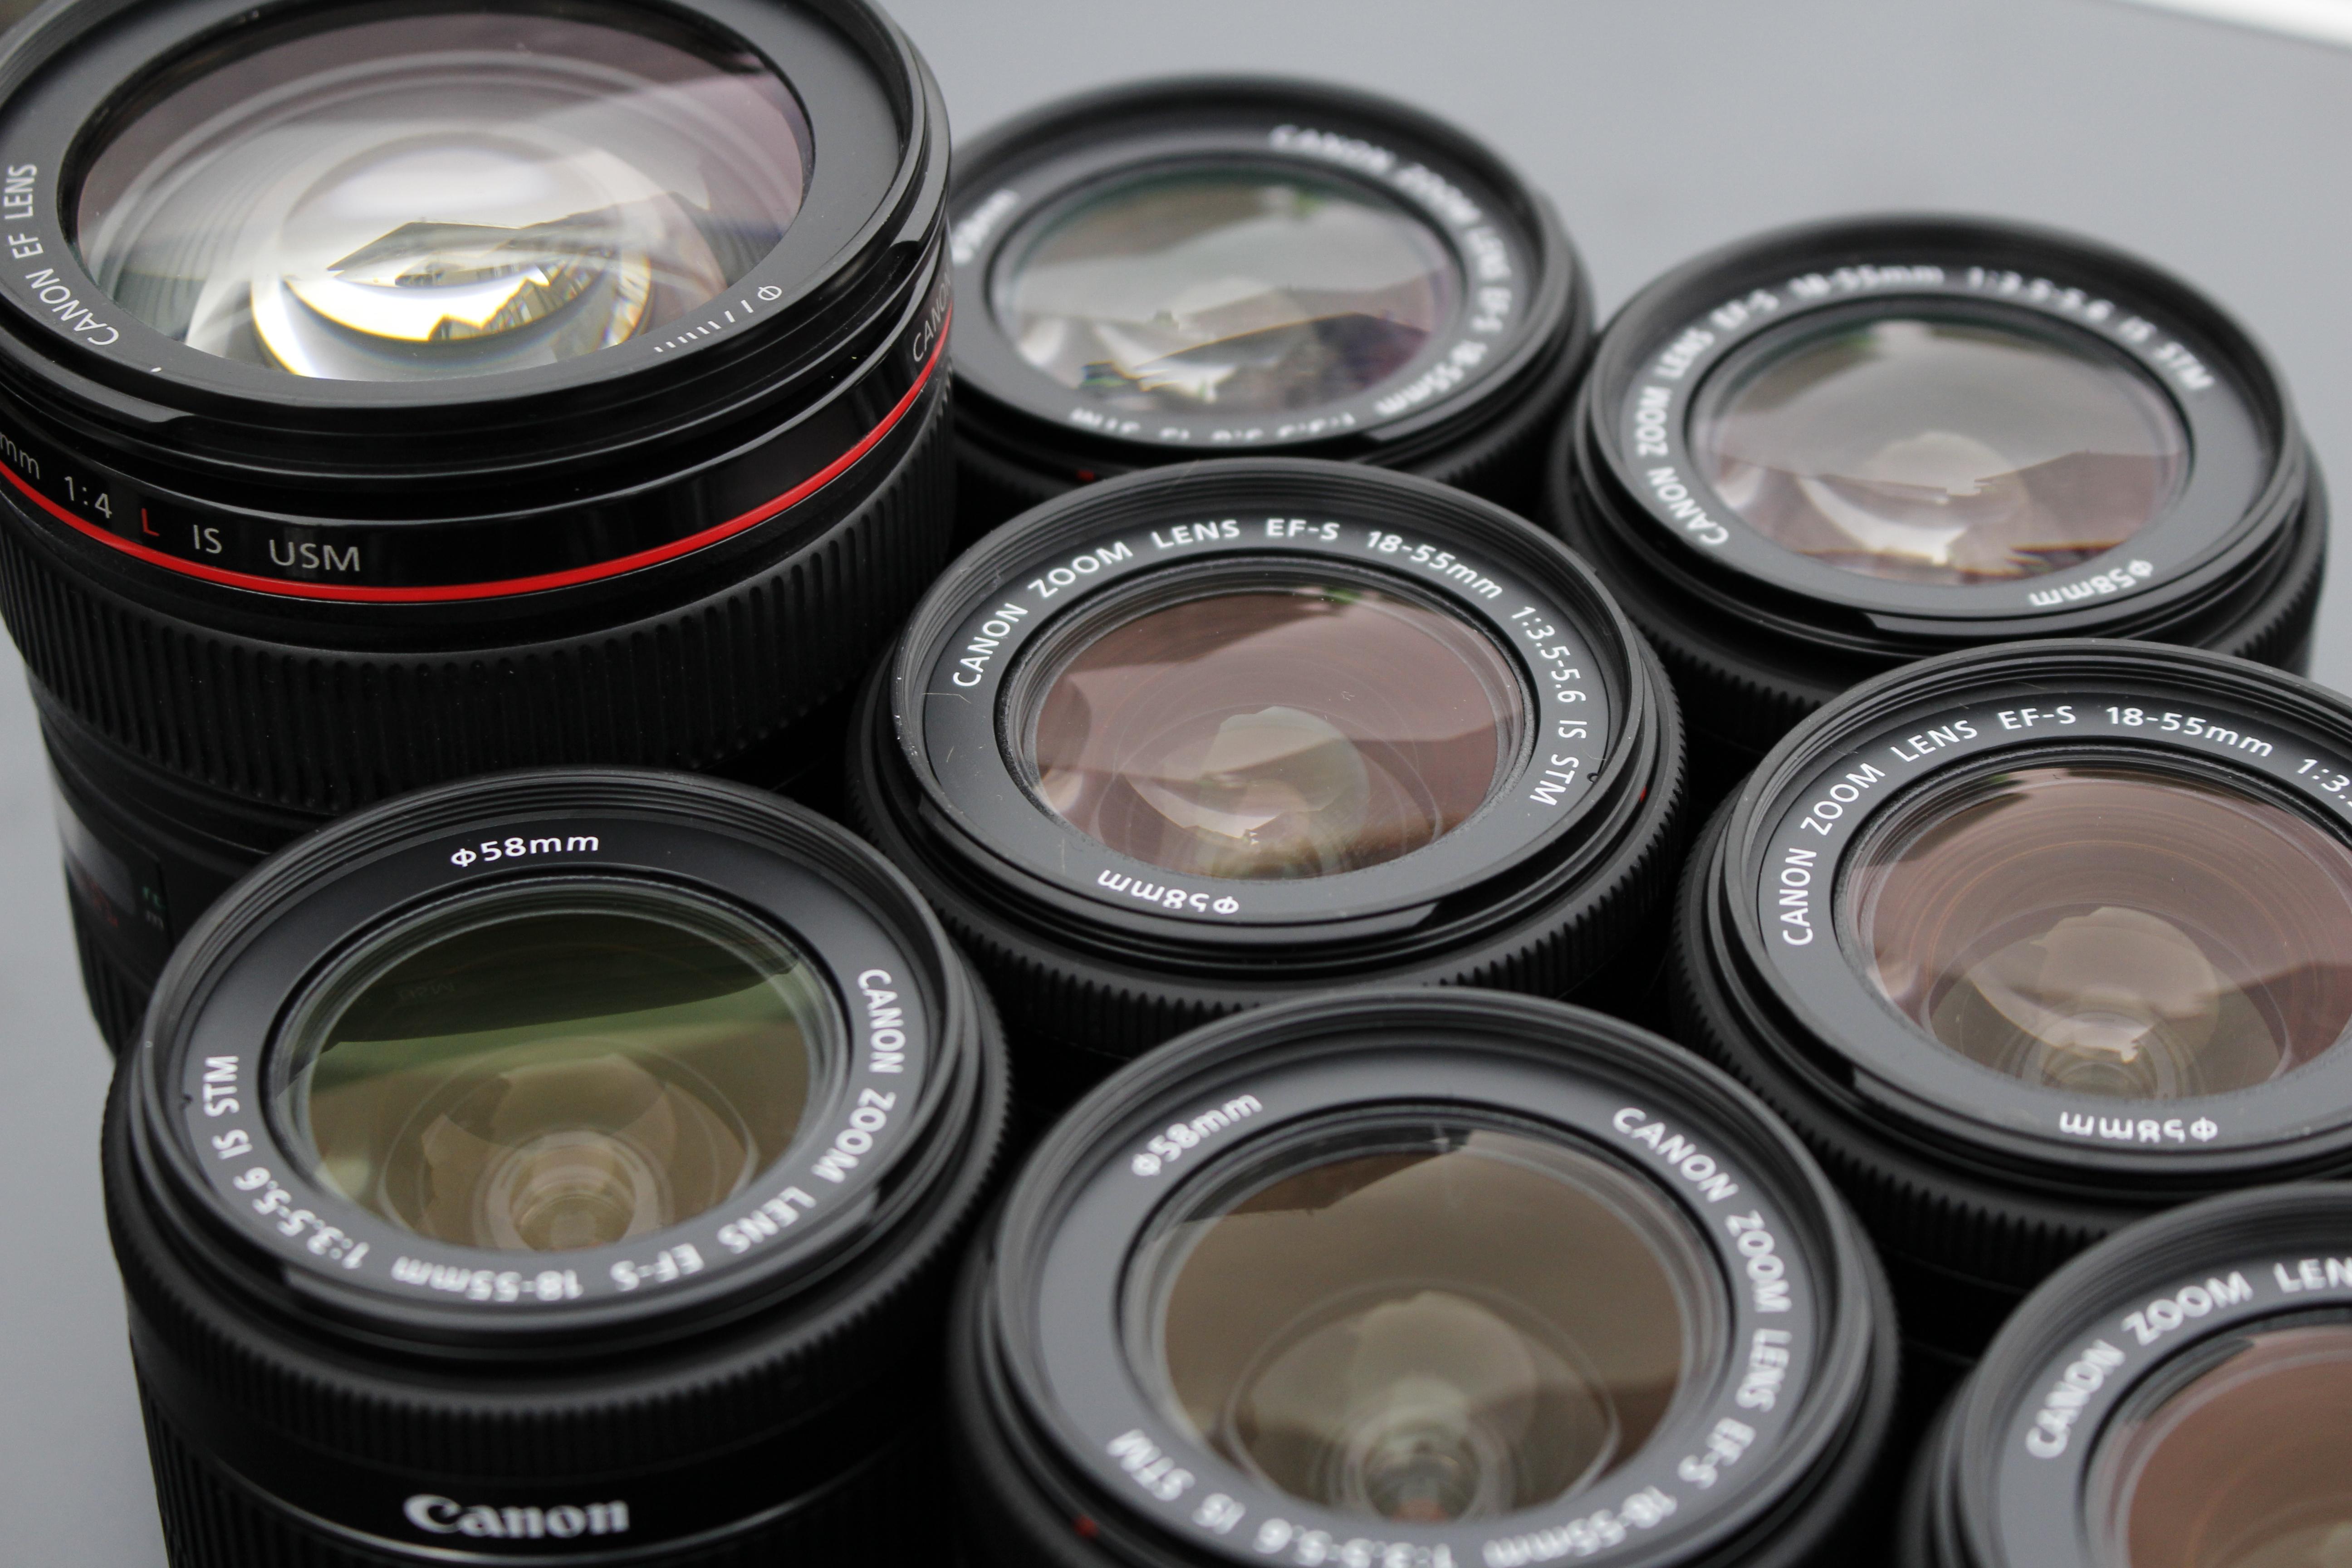 Canon Eos 100d Digital Slr Sample Photos Kit 18 55 Is Stm 100 D High Res